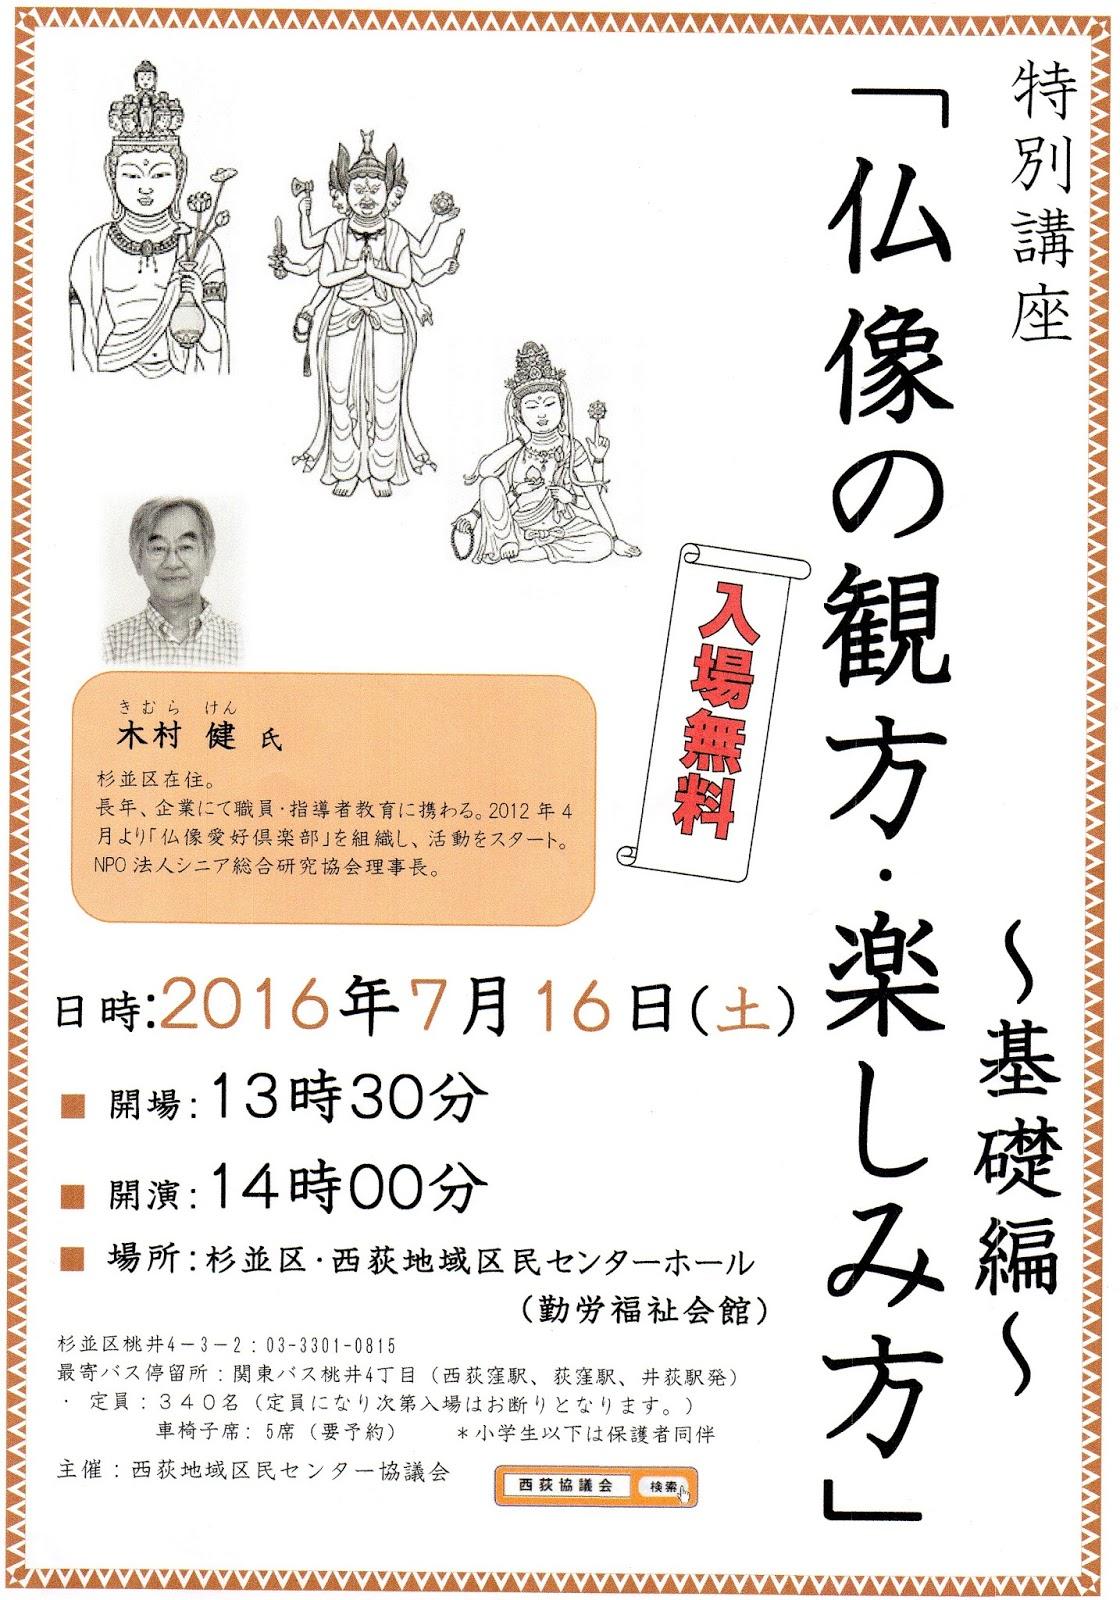 仏像愛好倶楽部(BAC): 西荻地域区民センター「仏像講座」のお ...